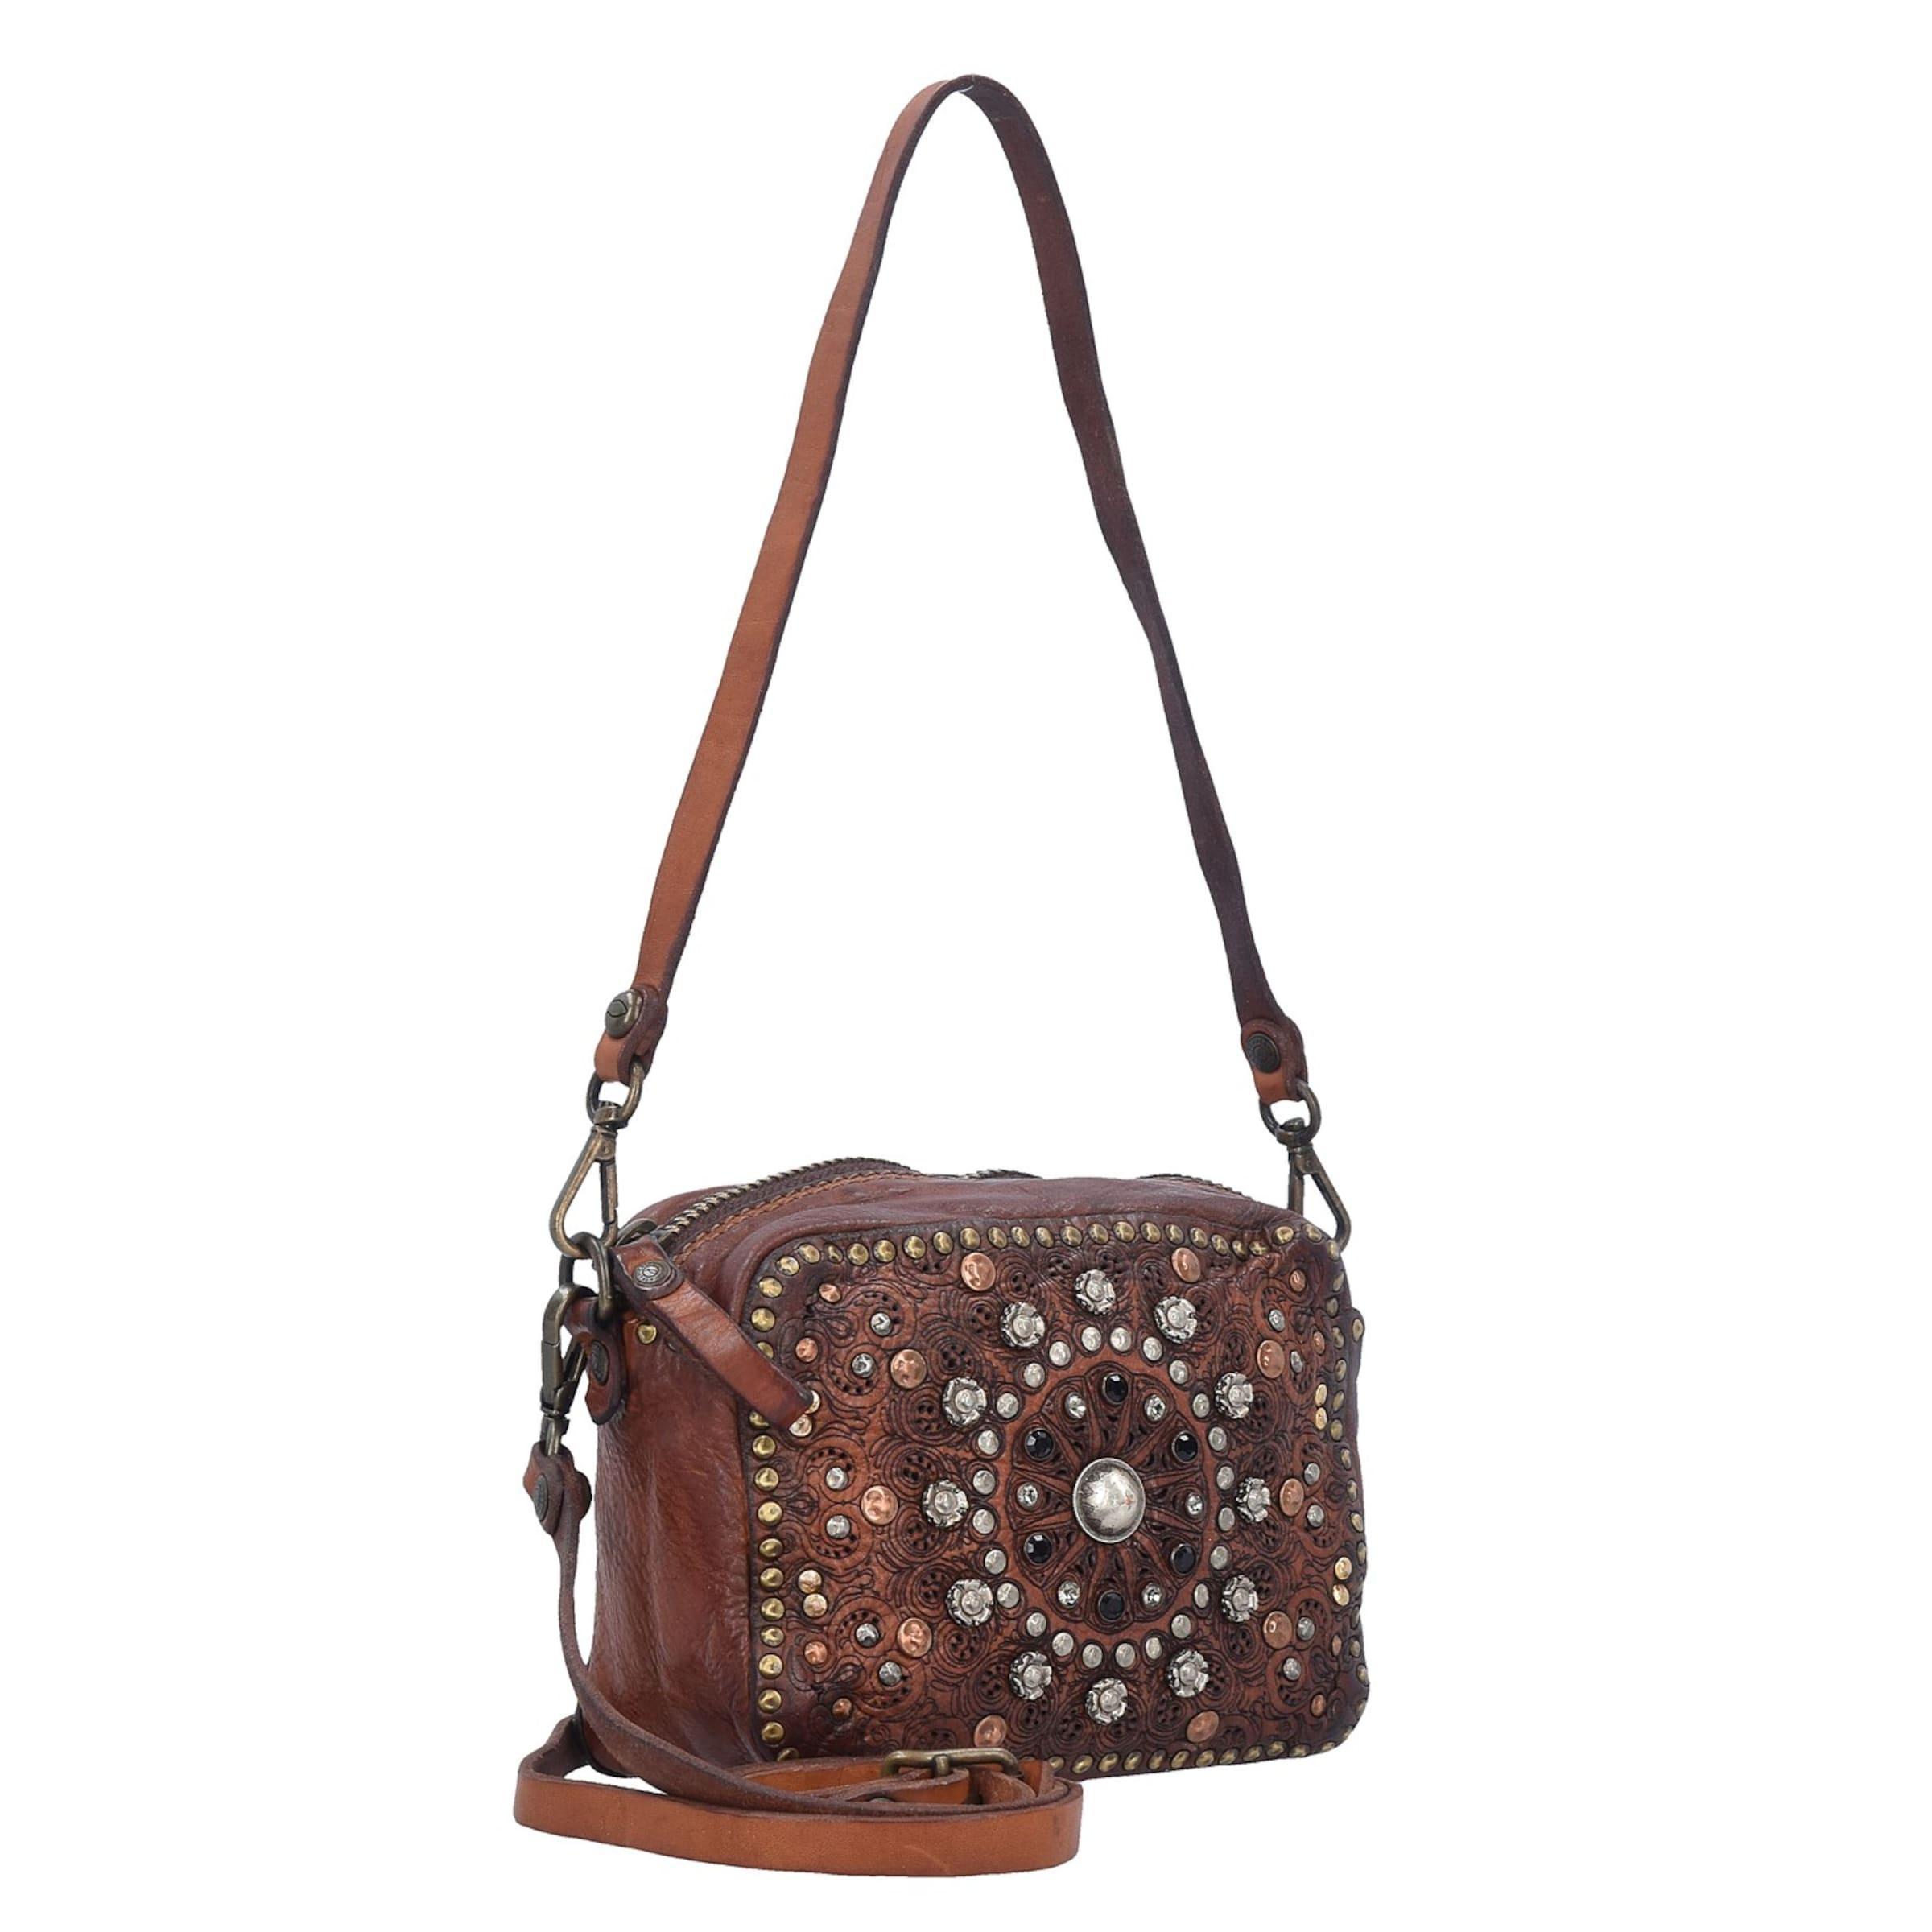 Spielraum Original Campomaggi Bauletto Mini Bag Umhängetasche Leder 18 cm Verkauf Günstigen Preisen 100% Ig Garantiert Günstiger Preis Online Einkaufen yq0K5KE